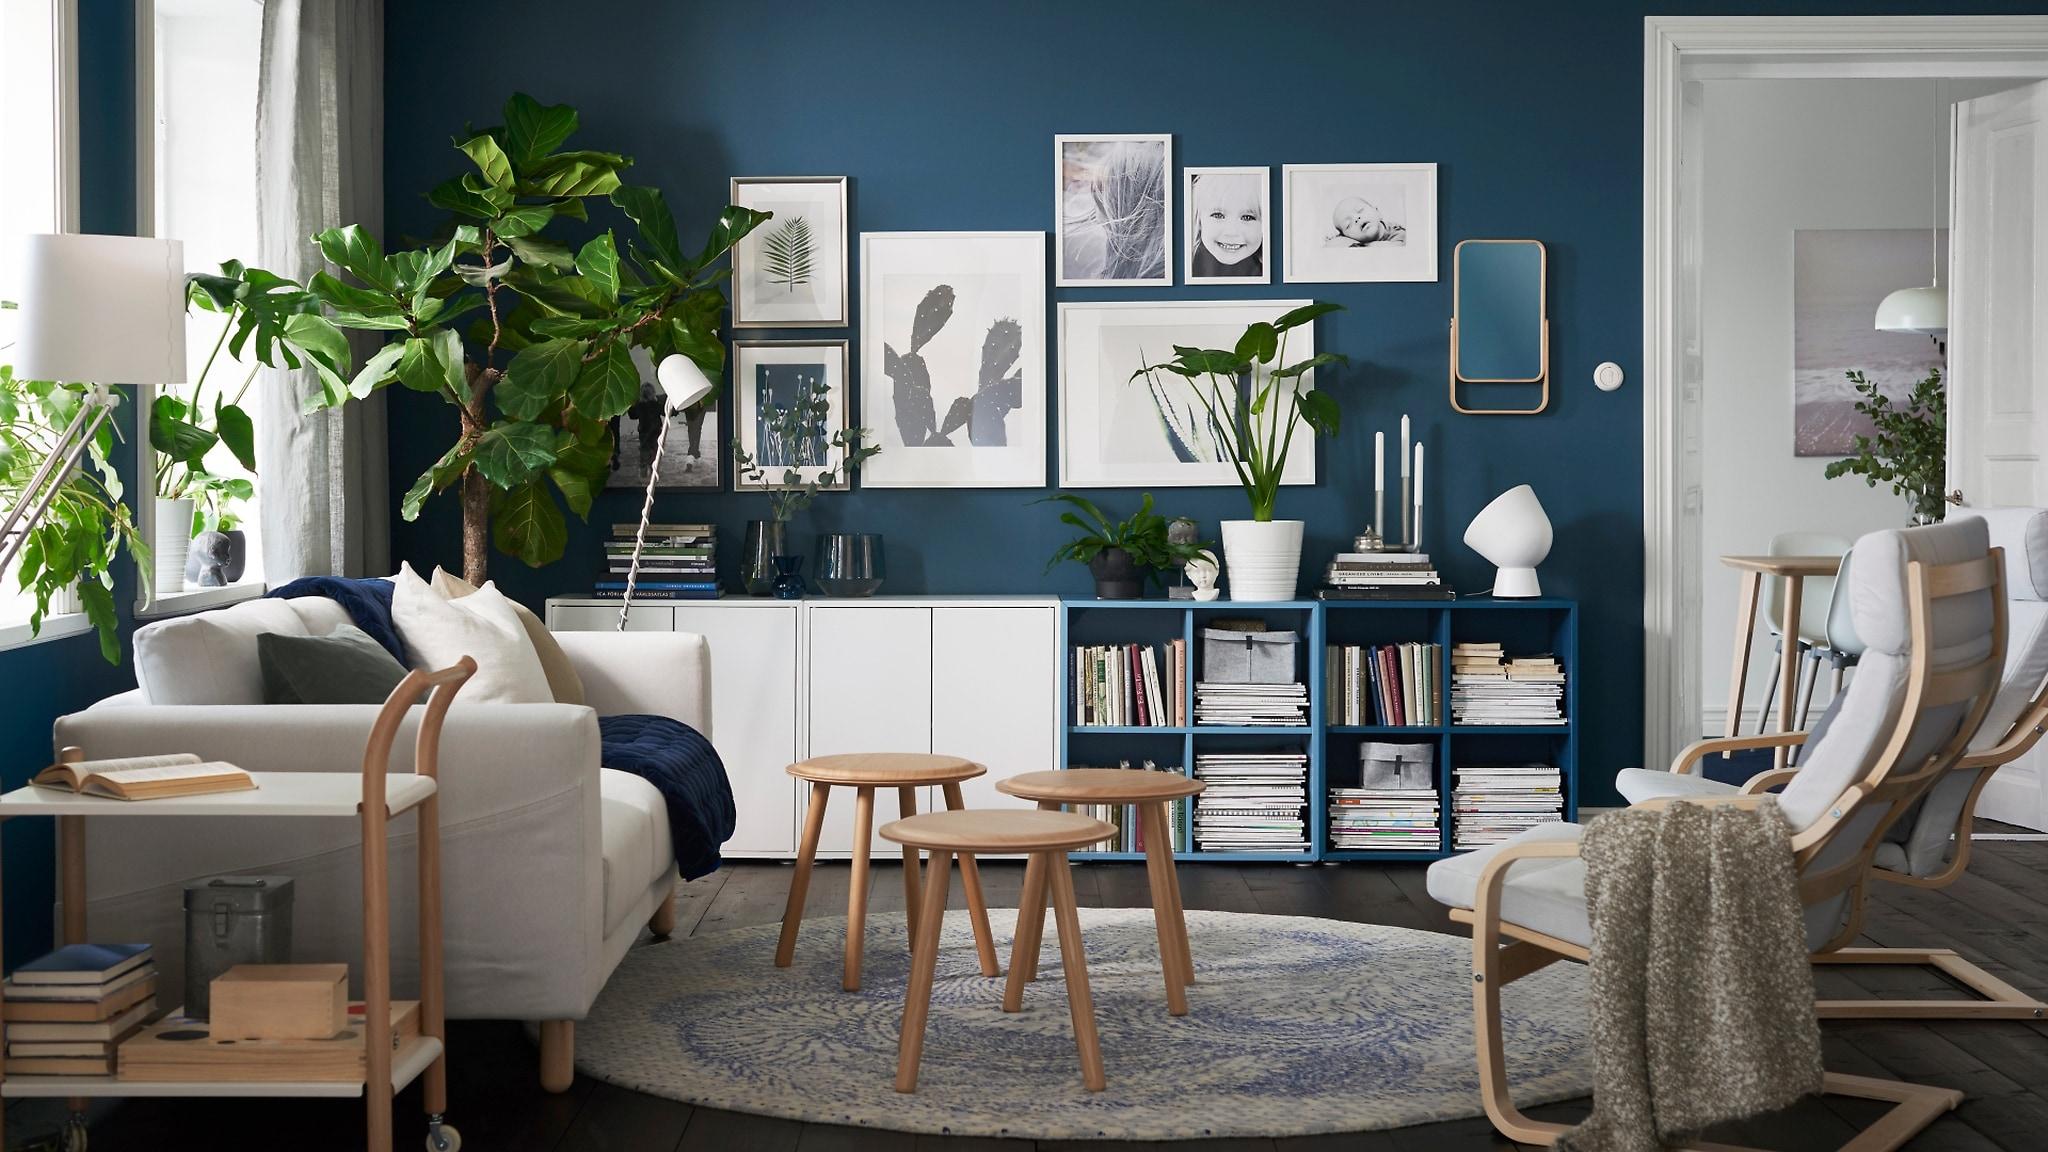 Canapé Arrondi Ikea Élégant Collection Chaise De Qualité Centralillaw